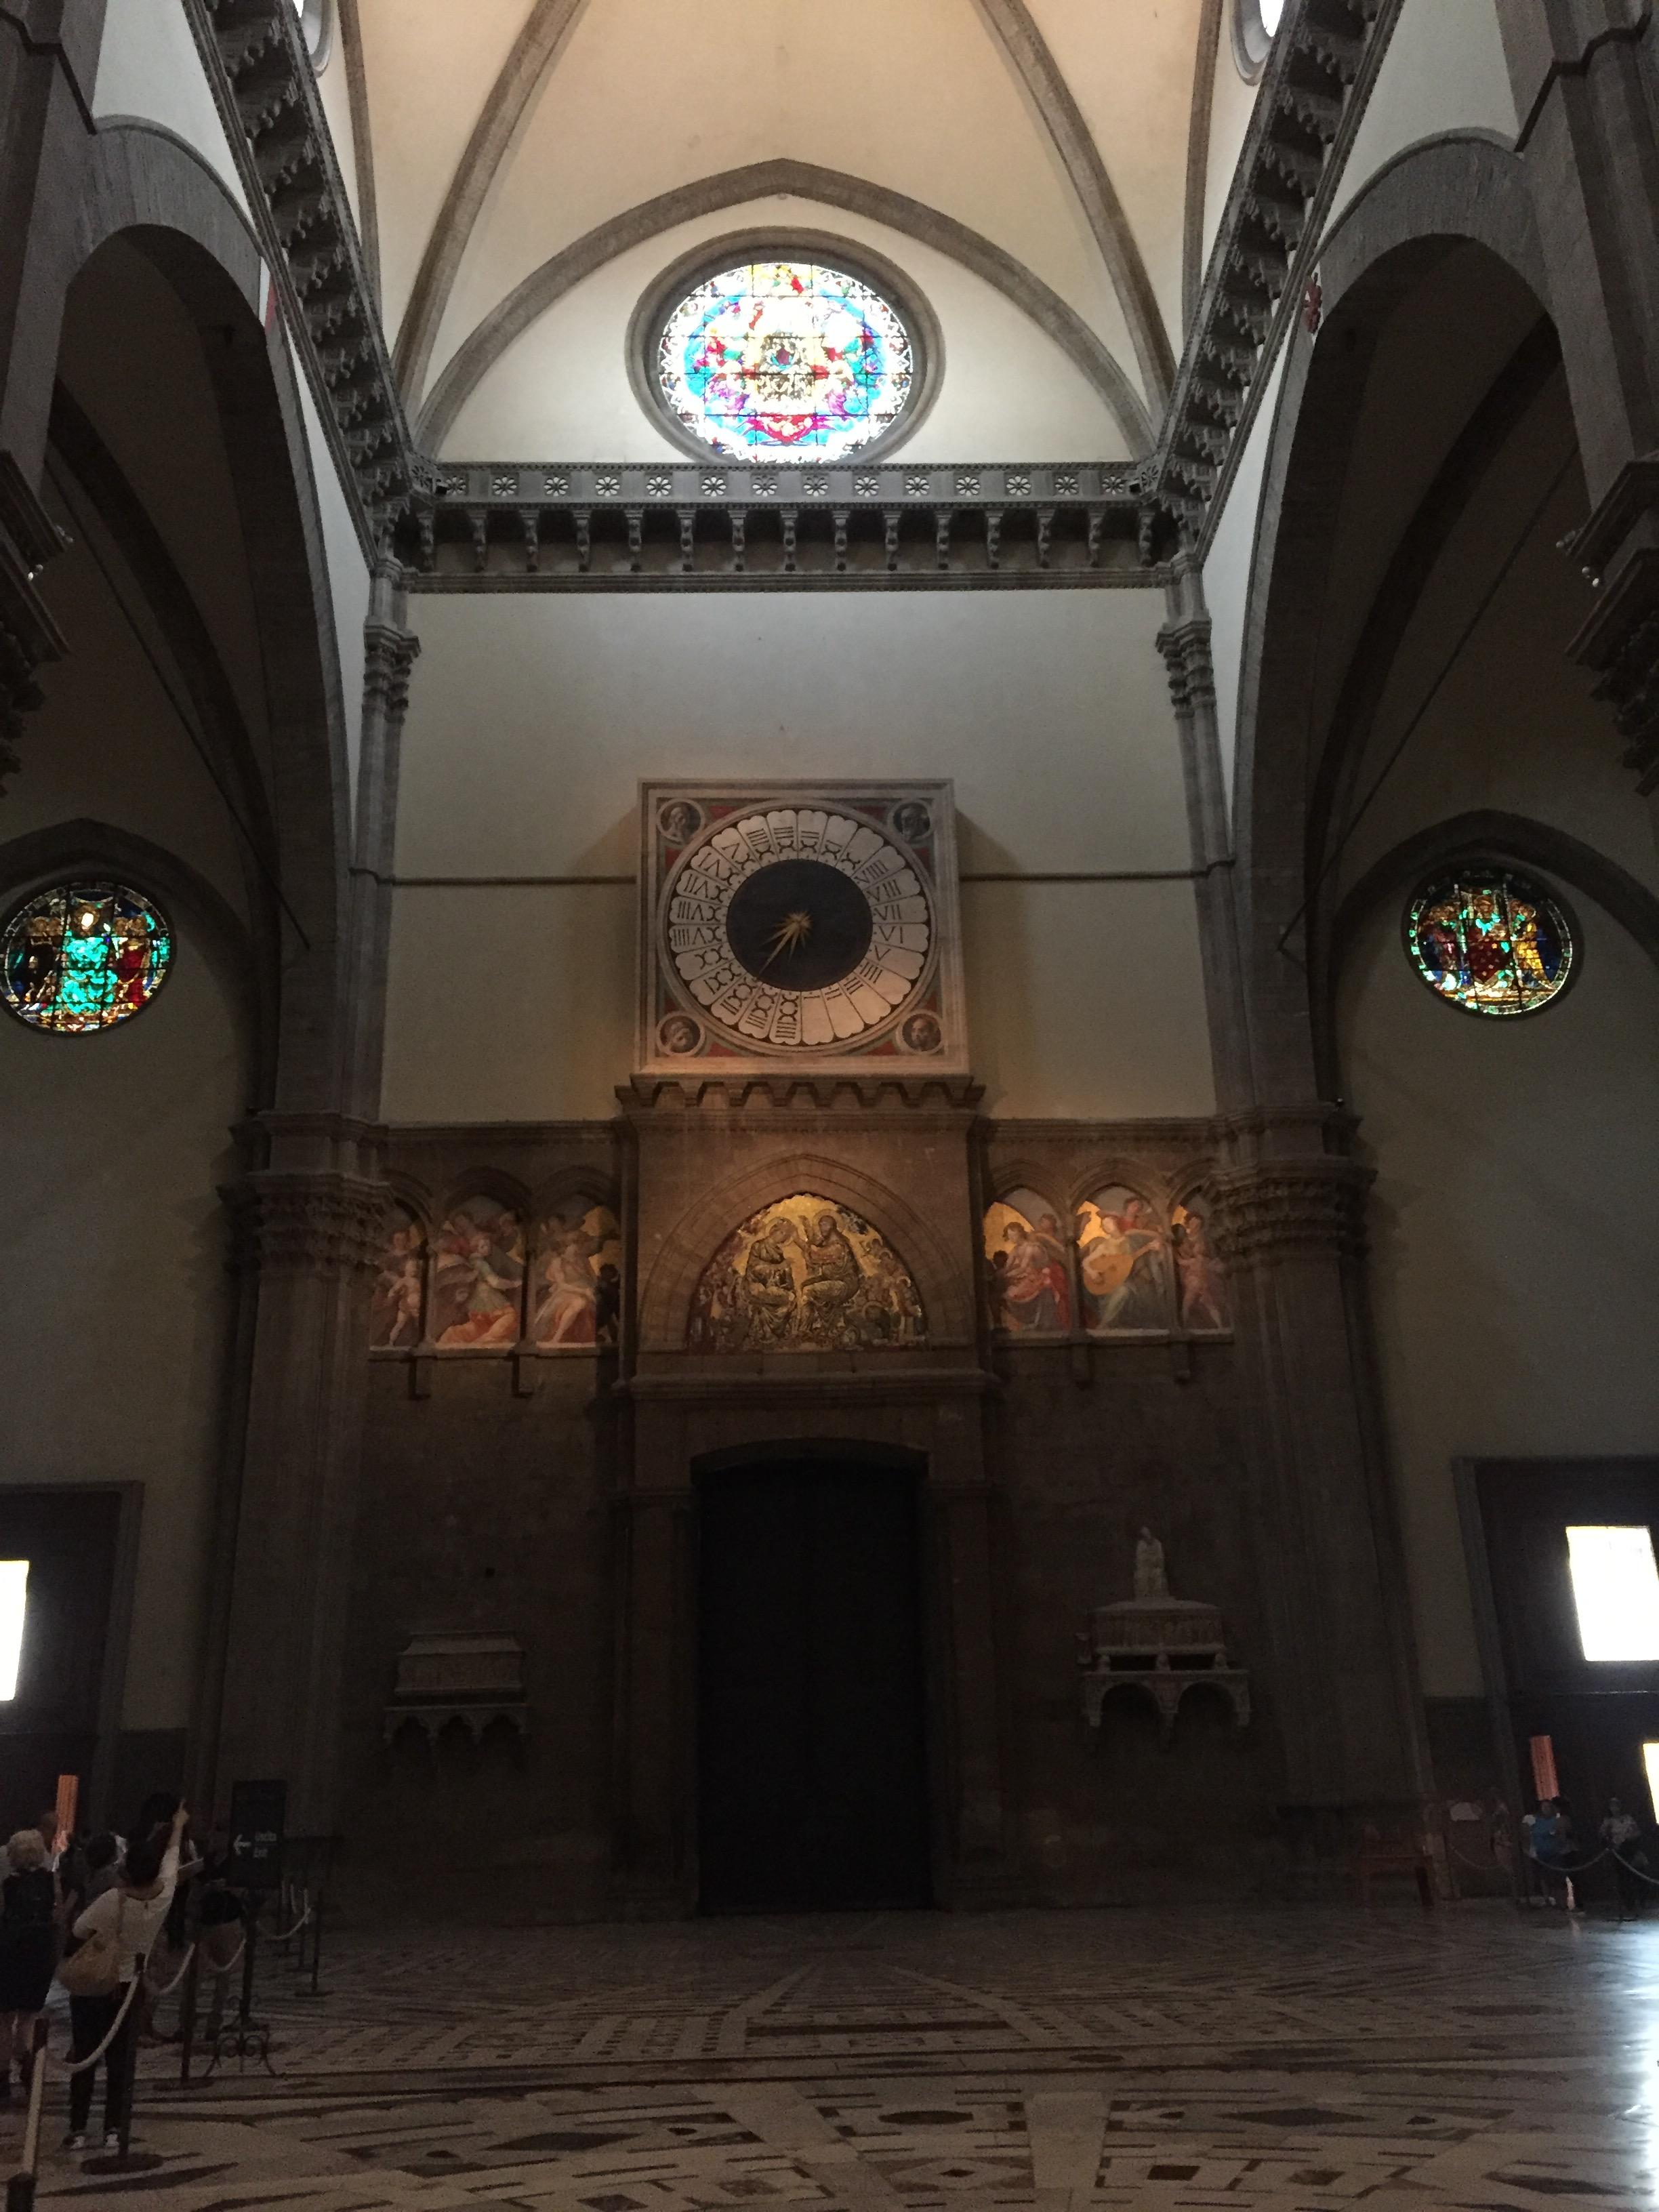 img 0860 - Visitando la Catedral Santa Maria del Fiore de Florencia III/III